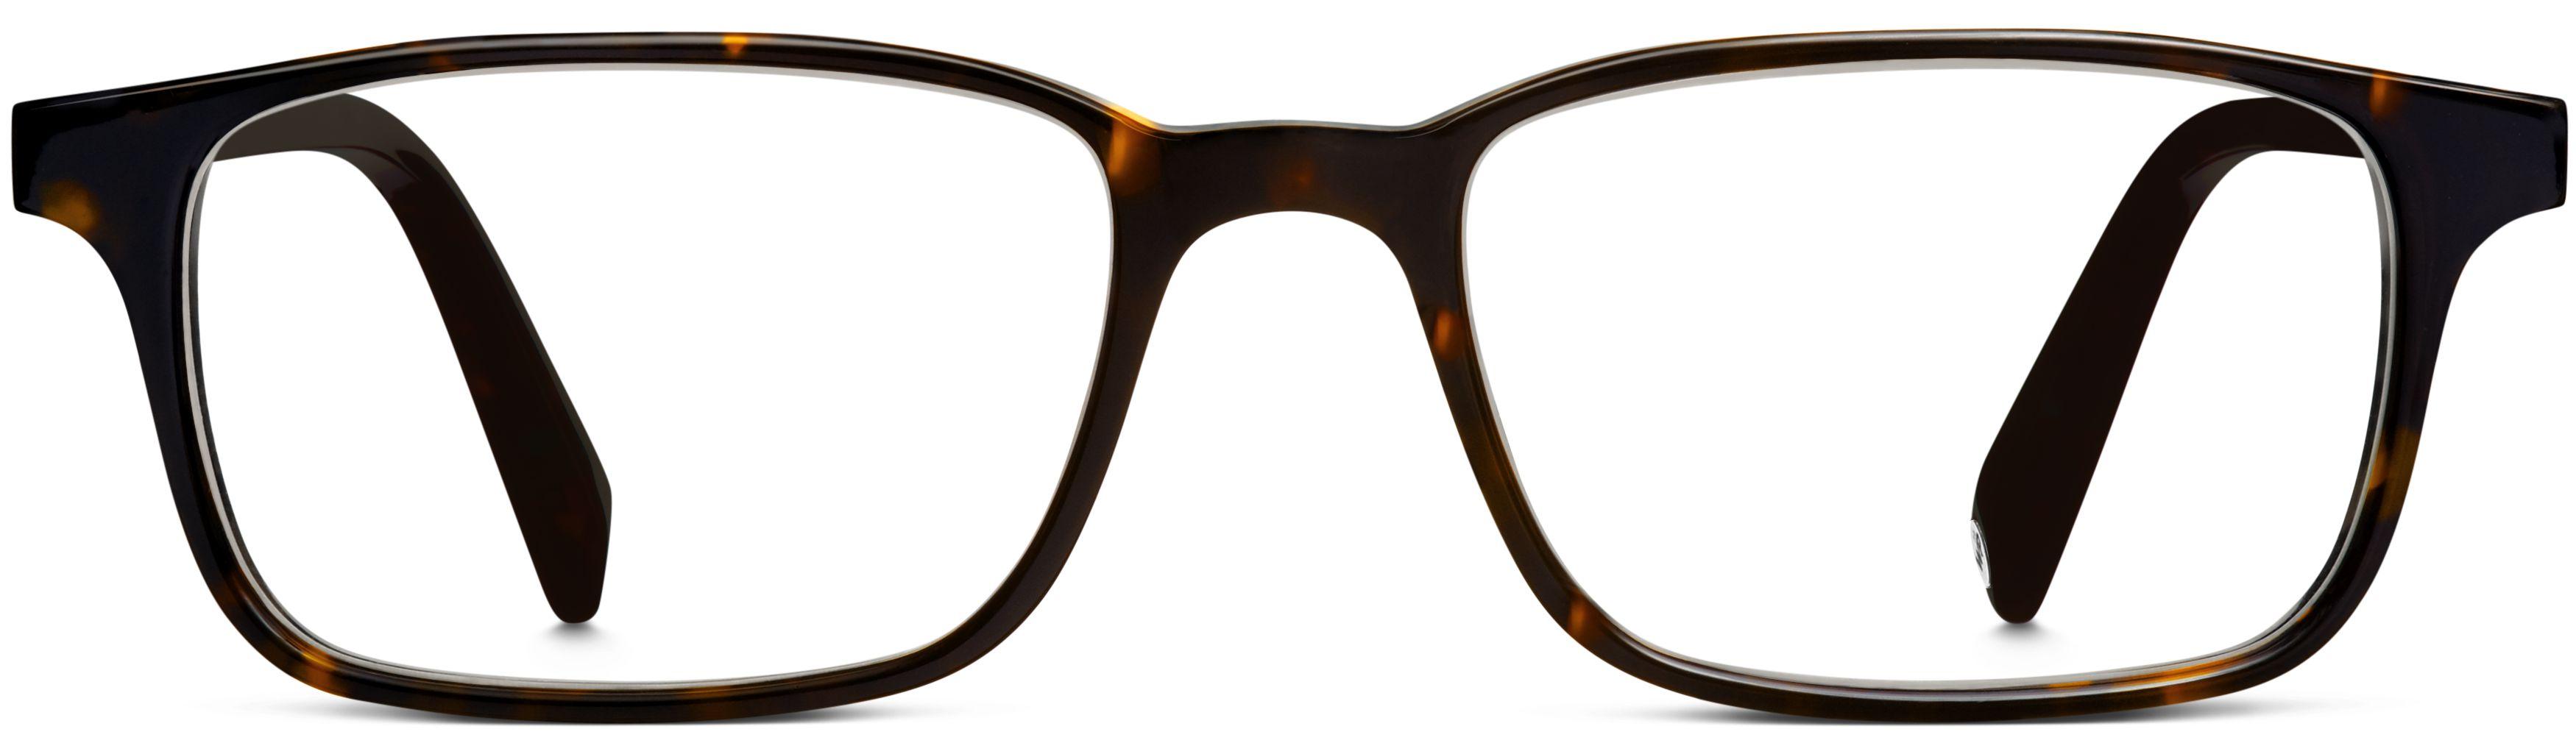 f2b4ac485f Crane Eyeglasses in Whiskey Tortoise for Men